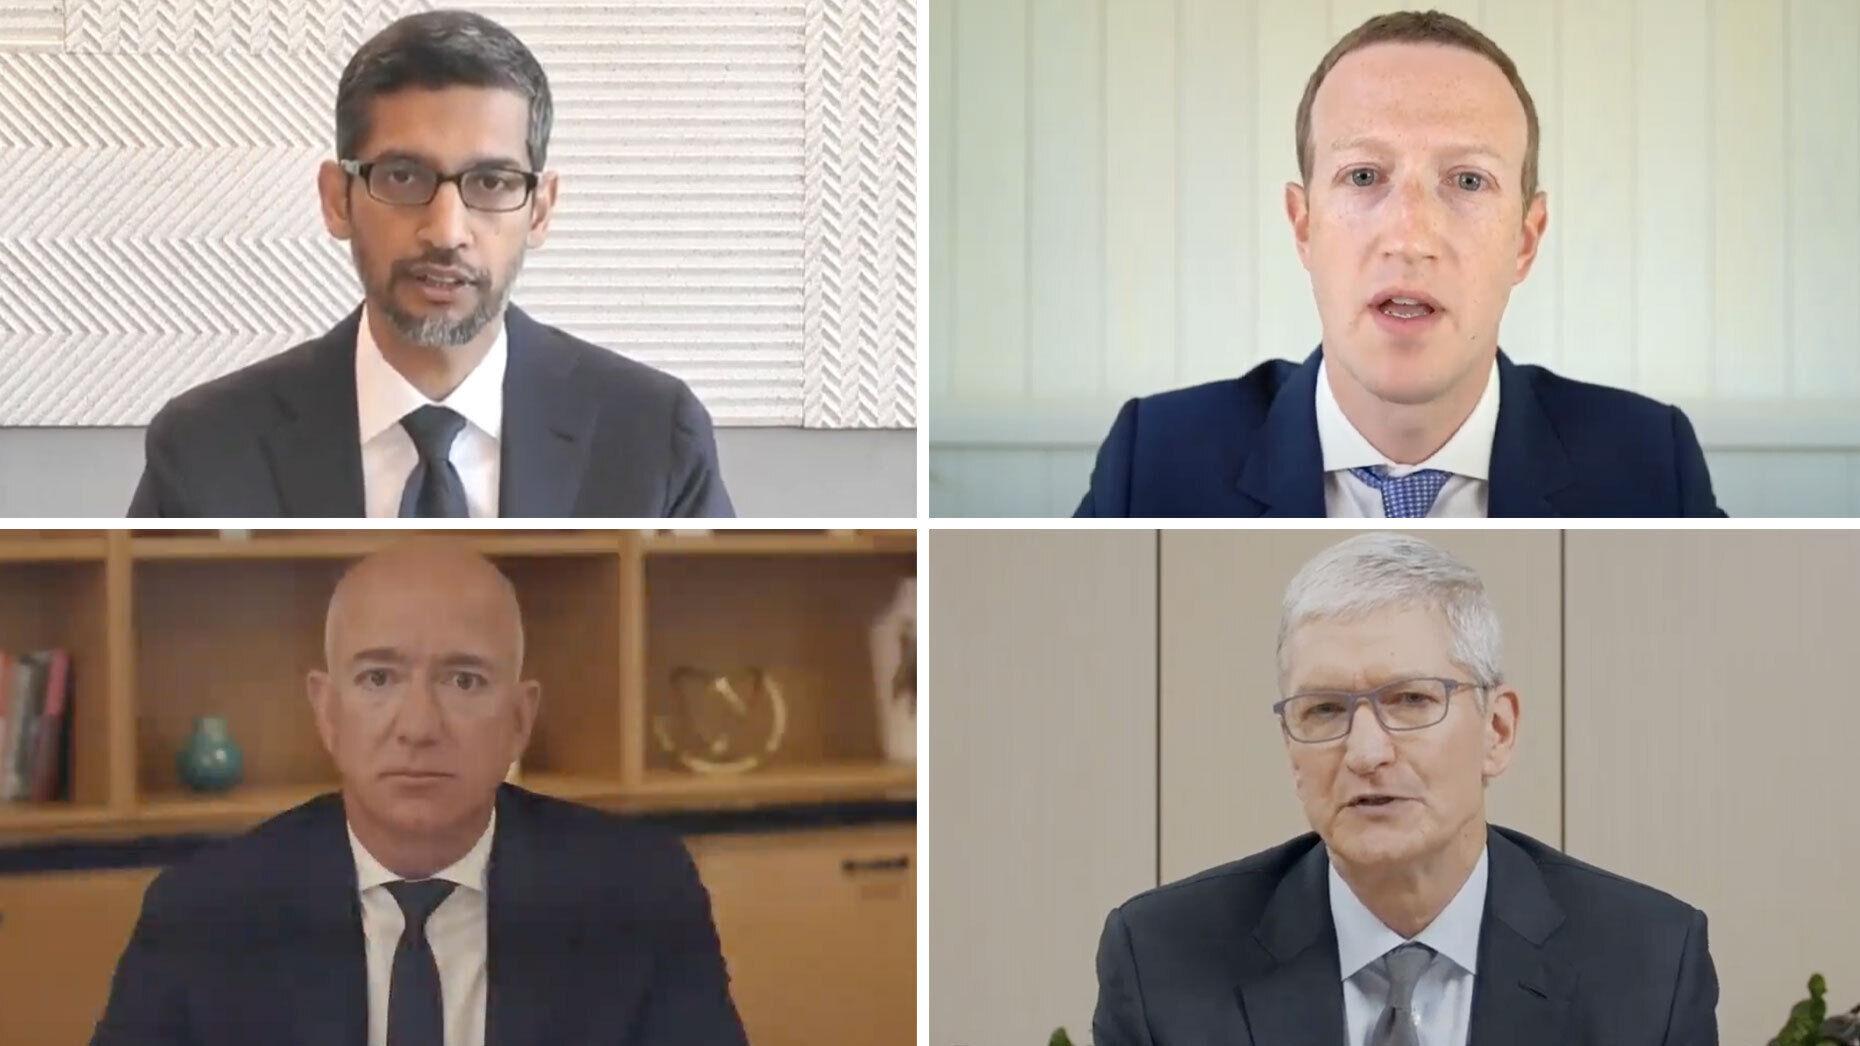 美国政府判定四大科技巨头有垄断行为,或将下令分拆-第1张图片-IT新视野